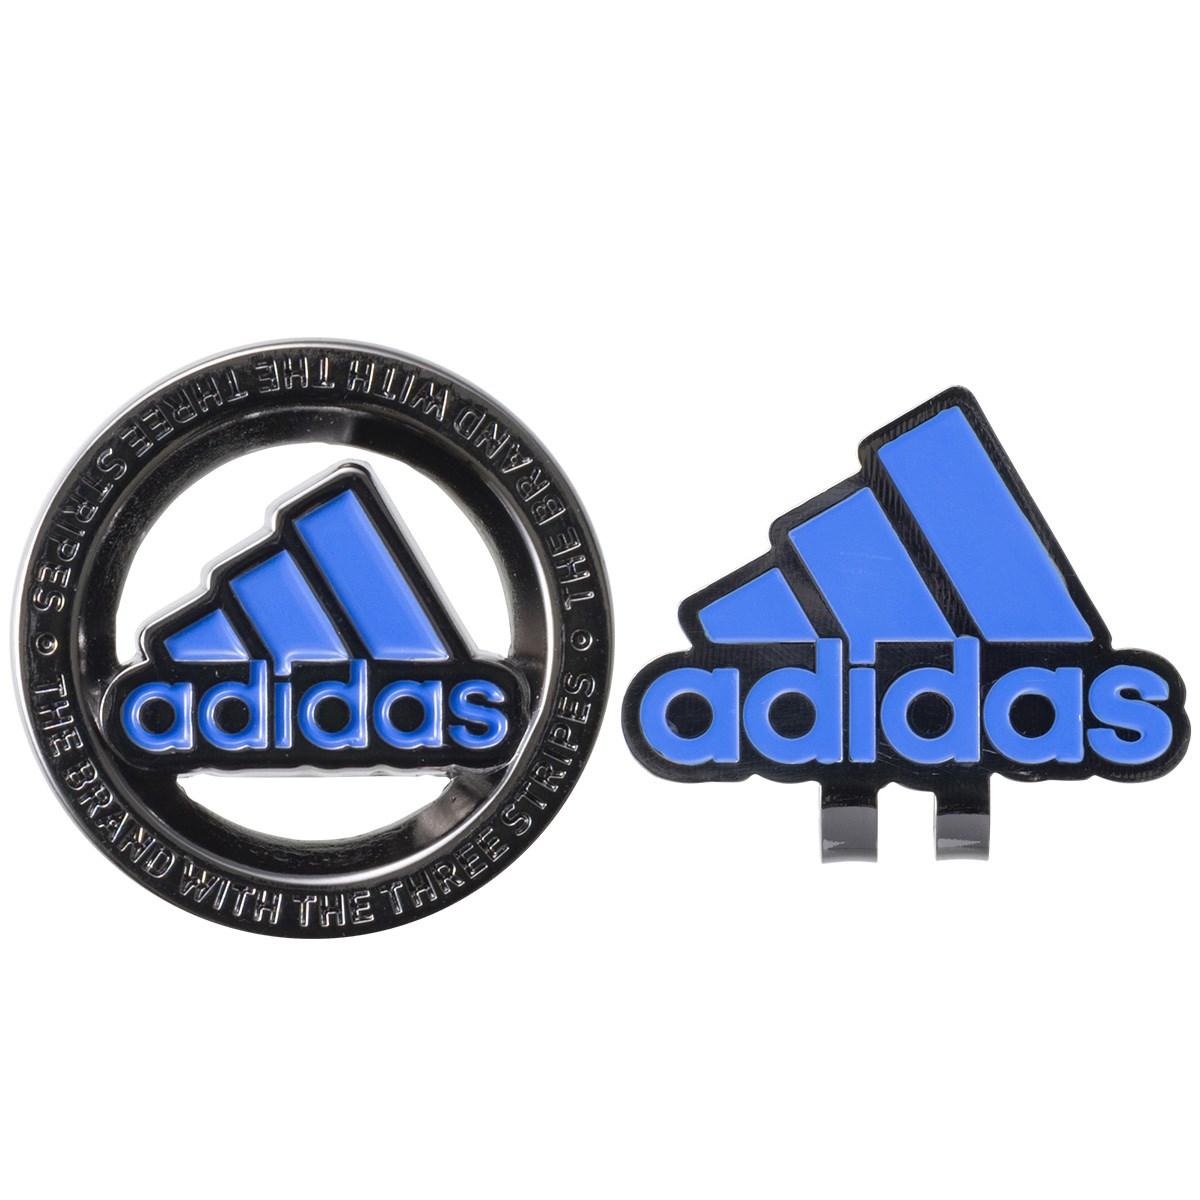 アディダス Adidas コアベーシック クリップマーカー ブルー